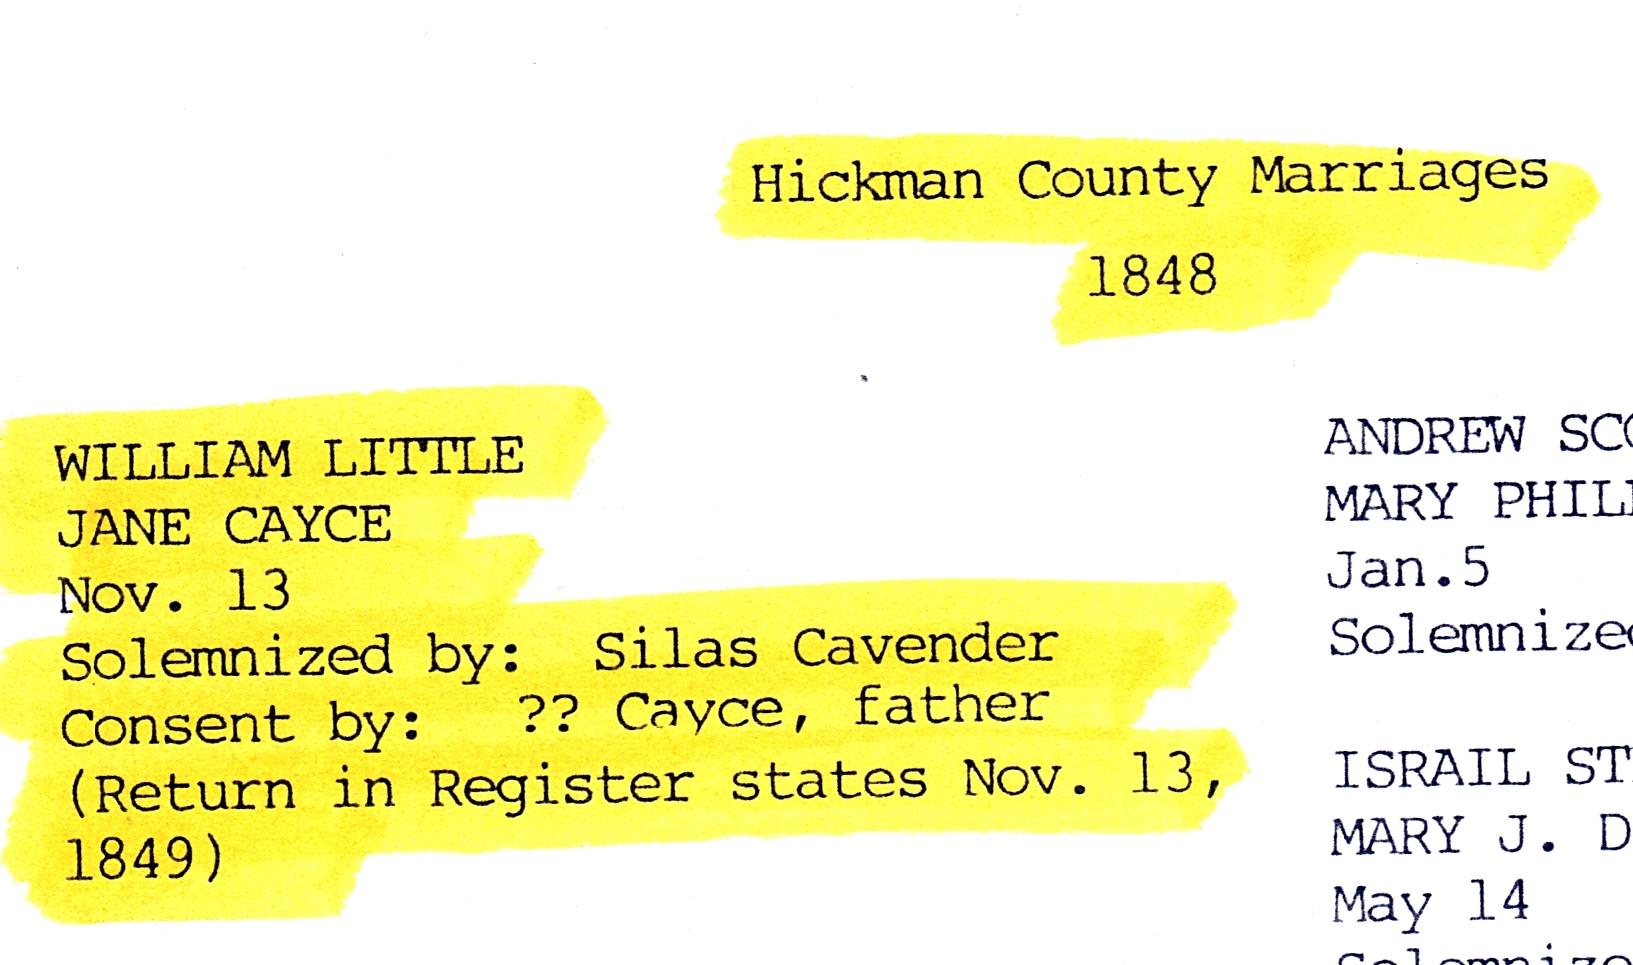 William S Little